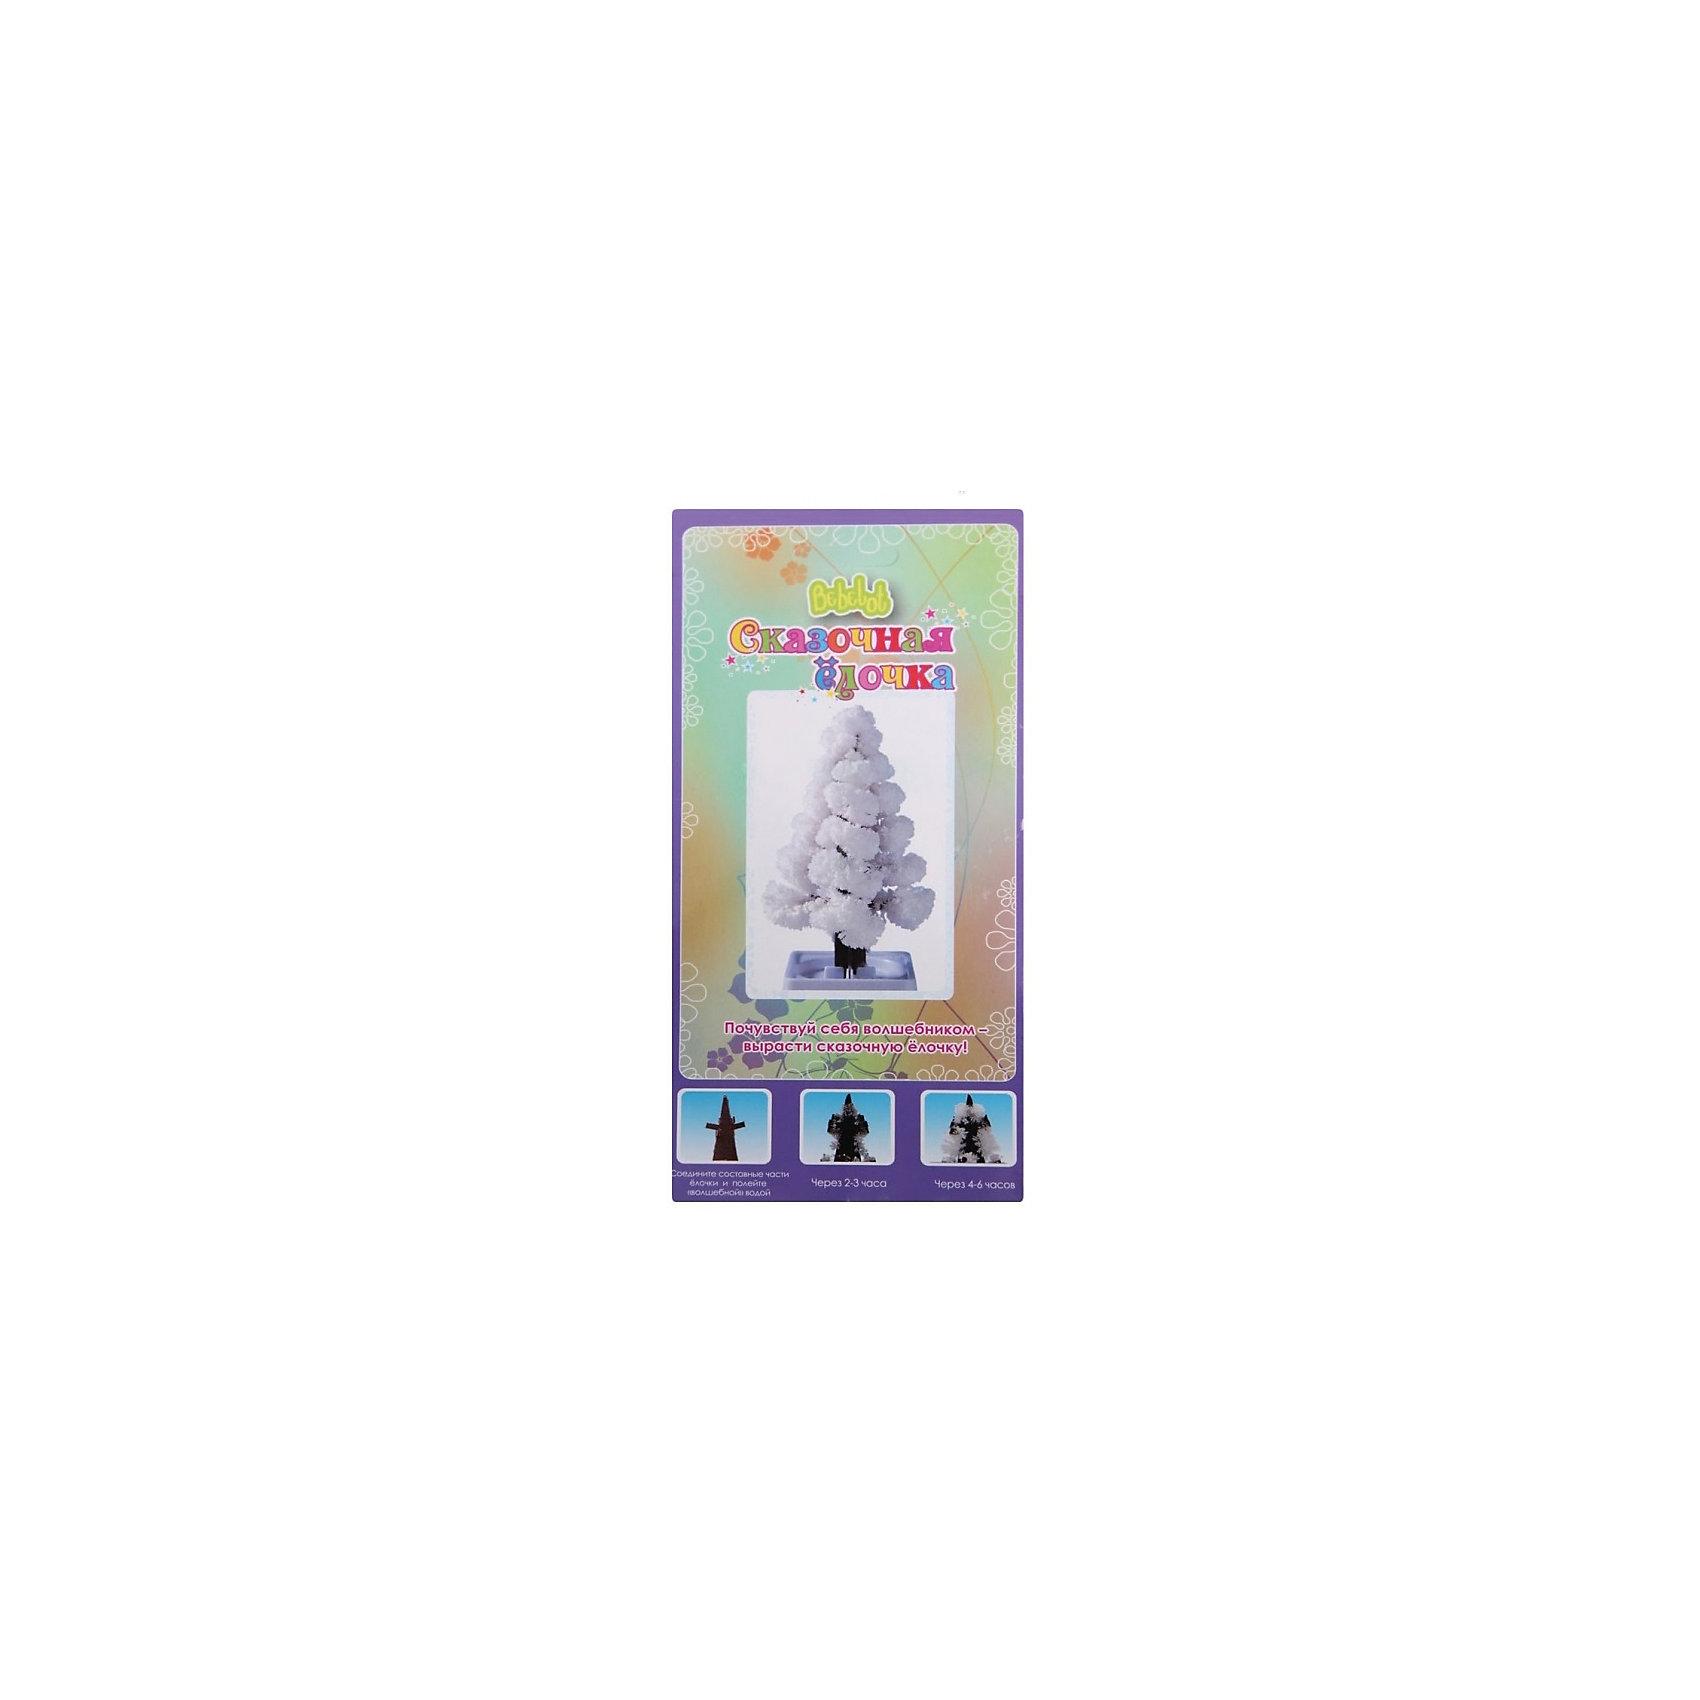 Игровой набор Сказочная ёлочка (белый)Кристаллы<br>Характеристики товара:<br><br>• размер упаковки: 21x15x11 см<br>• вес: 60 г<br>• комплектация: картонная фигурка, пластиковая ёмкость, раствор пищевой соли<br>• возраст: от пяти лет<br>• упаковка: картон<br>• страна бренда: Китай<br>• страна изготовитель: Китай<br><br>Такой набор станет отличным подарком ребенку - ведь с помощью него из кристаллов можно вырастить ёлочку самому! В набор входят различные предметы и инструкция. Это отличный способ занять ребенка!<br>Создание чего-либо своими руками помогает детям развивать важные навыки и способности, оно активизирует мышление, формирует усидчивость, логику, мелкую моторику и воображение. Изделие производится из качественных и проверенных материалов, которые безопасны для детей.<br><br>Игровой набор Новогодняя ёлочка от бренда Bebelot можно купить в нашем интернет-магазине.<br><br>Ширина мм: 215<br>Глубина мм: 15<br>Высота мм: 107<br>Вес г: 69<br>Возраст от месяцев: 72<br>Возраст до месяцев: 108<br>Пол: Унисекс<br>Возраст: Детский<br>SKU: 5168535